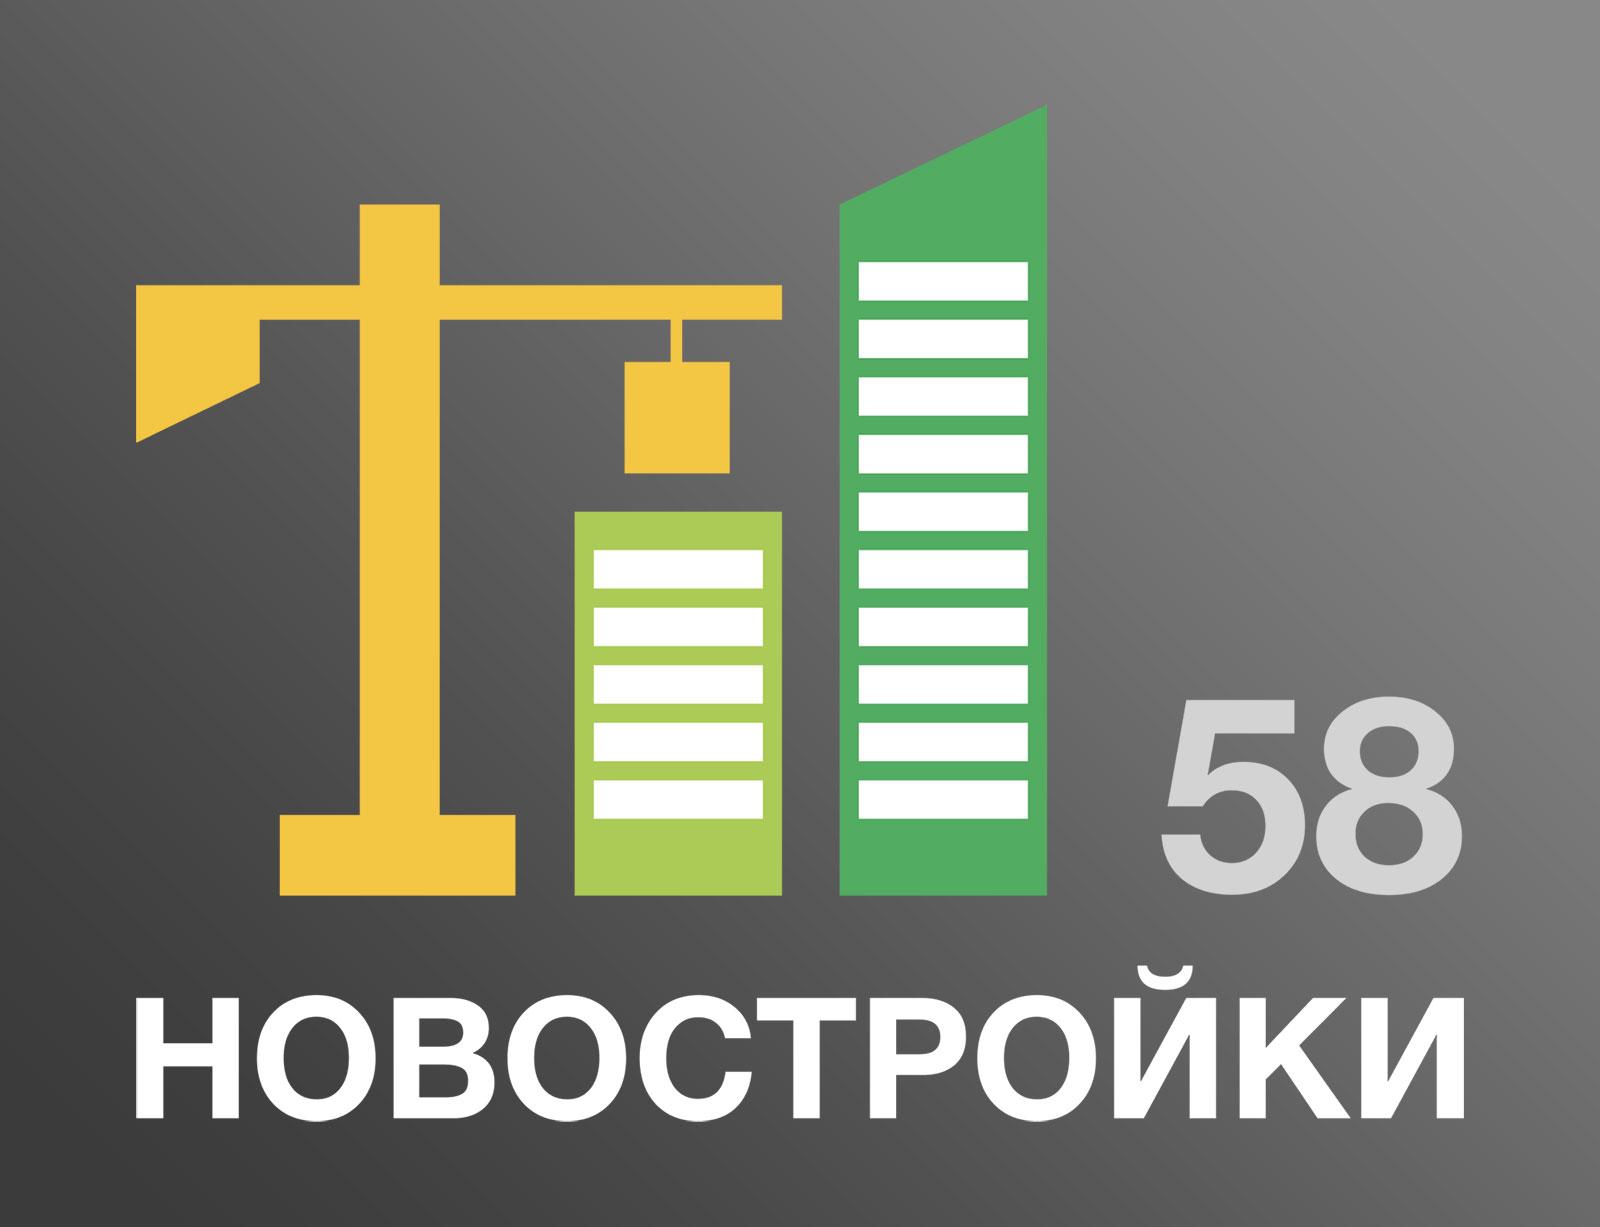 Логотип для агентства недвижимости novostroiki58.ru